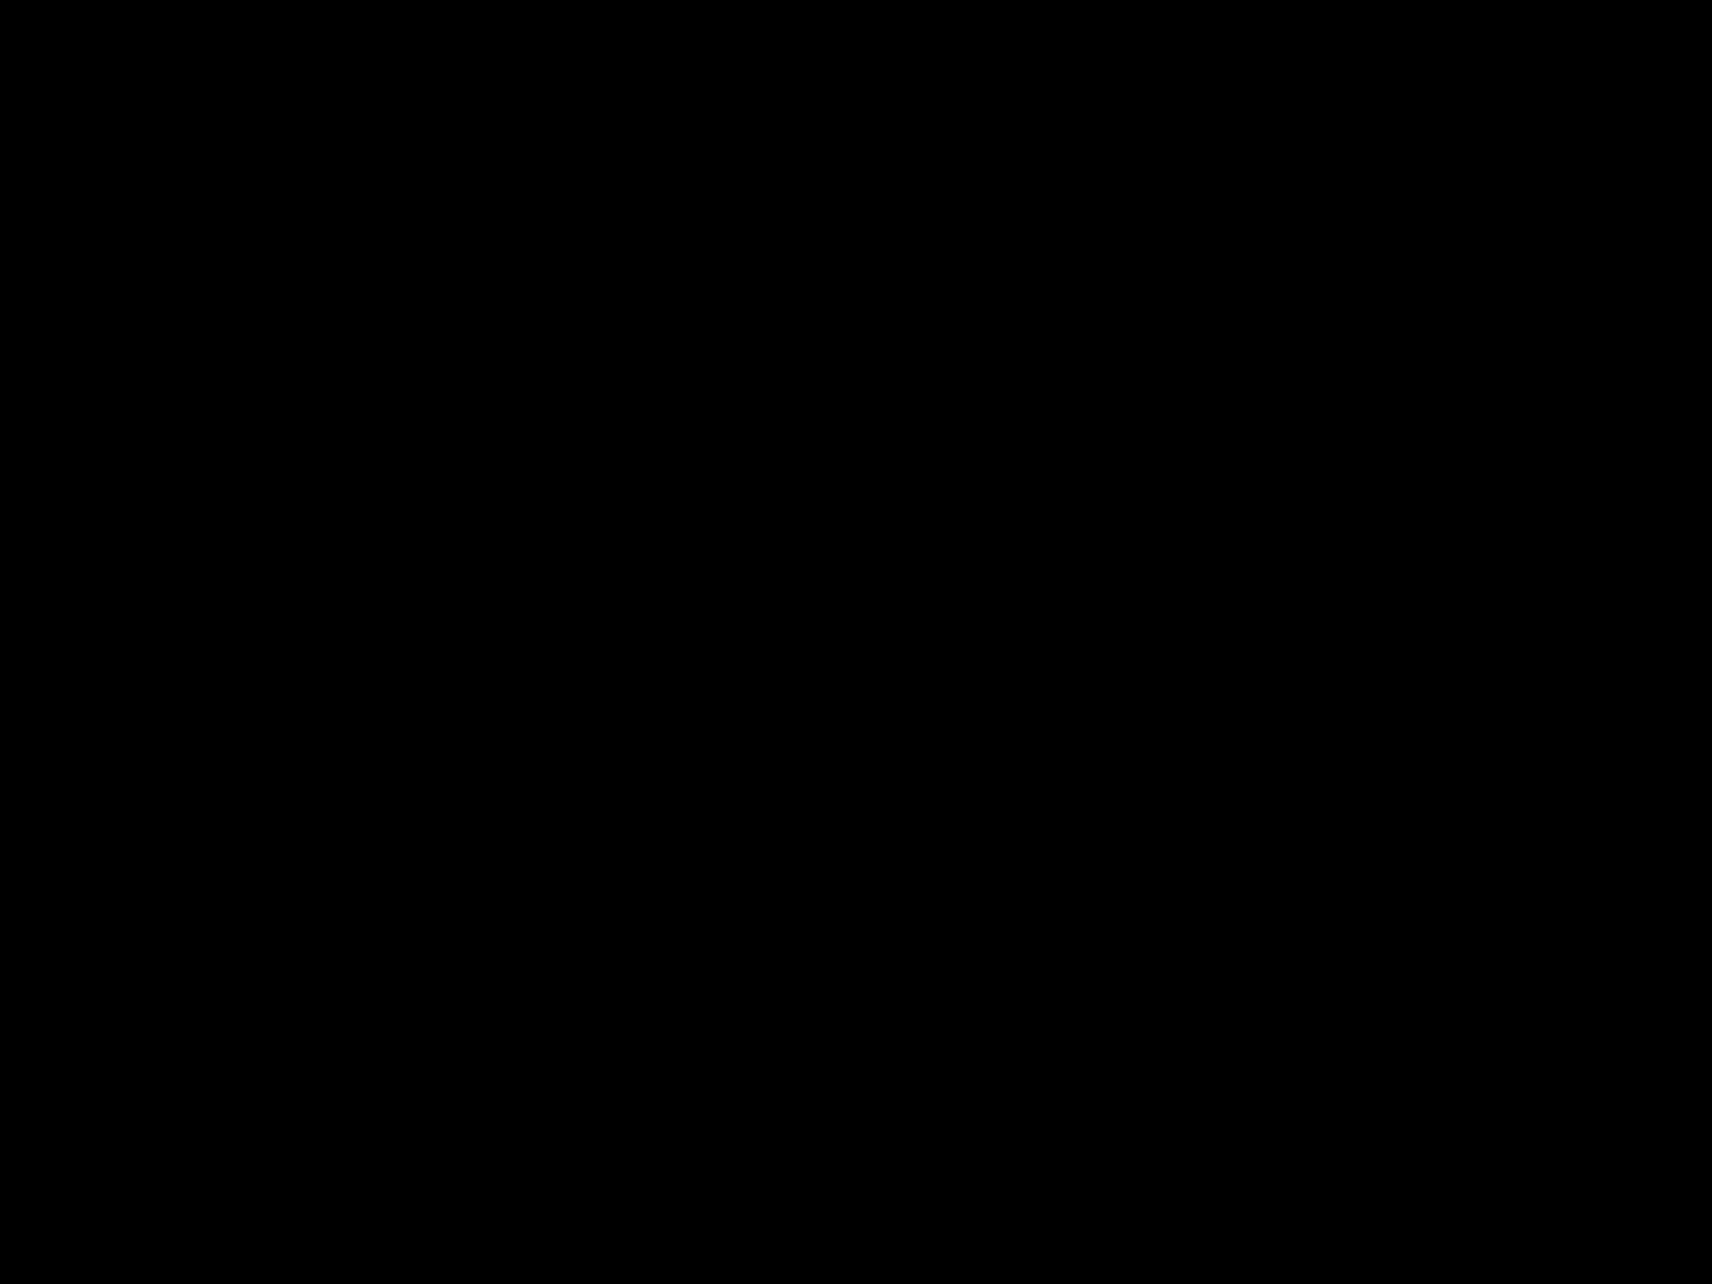 21645_04.jpg